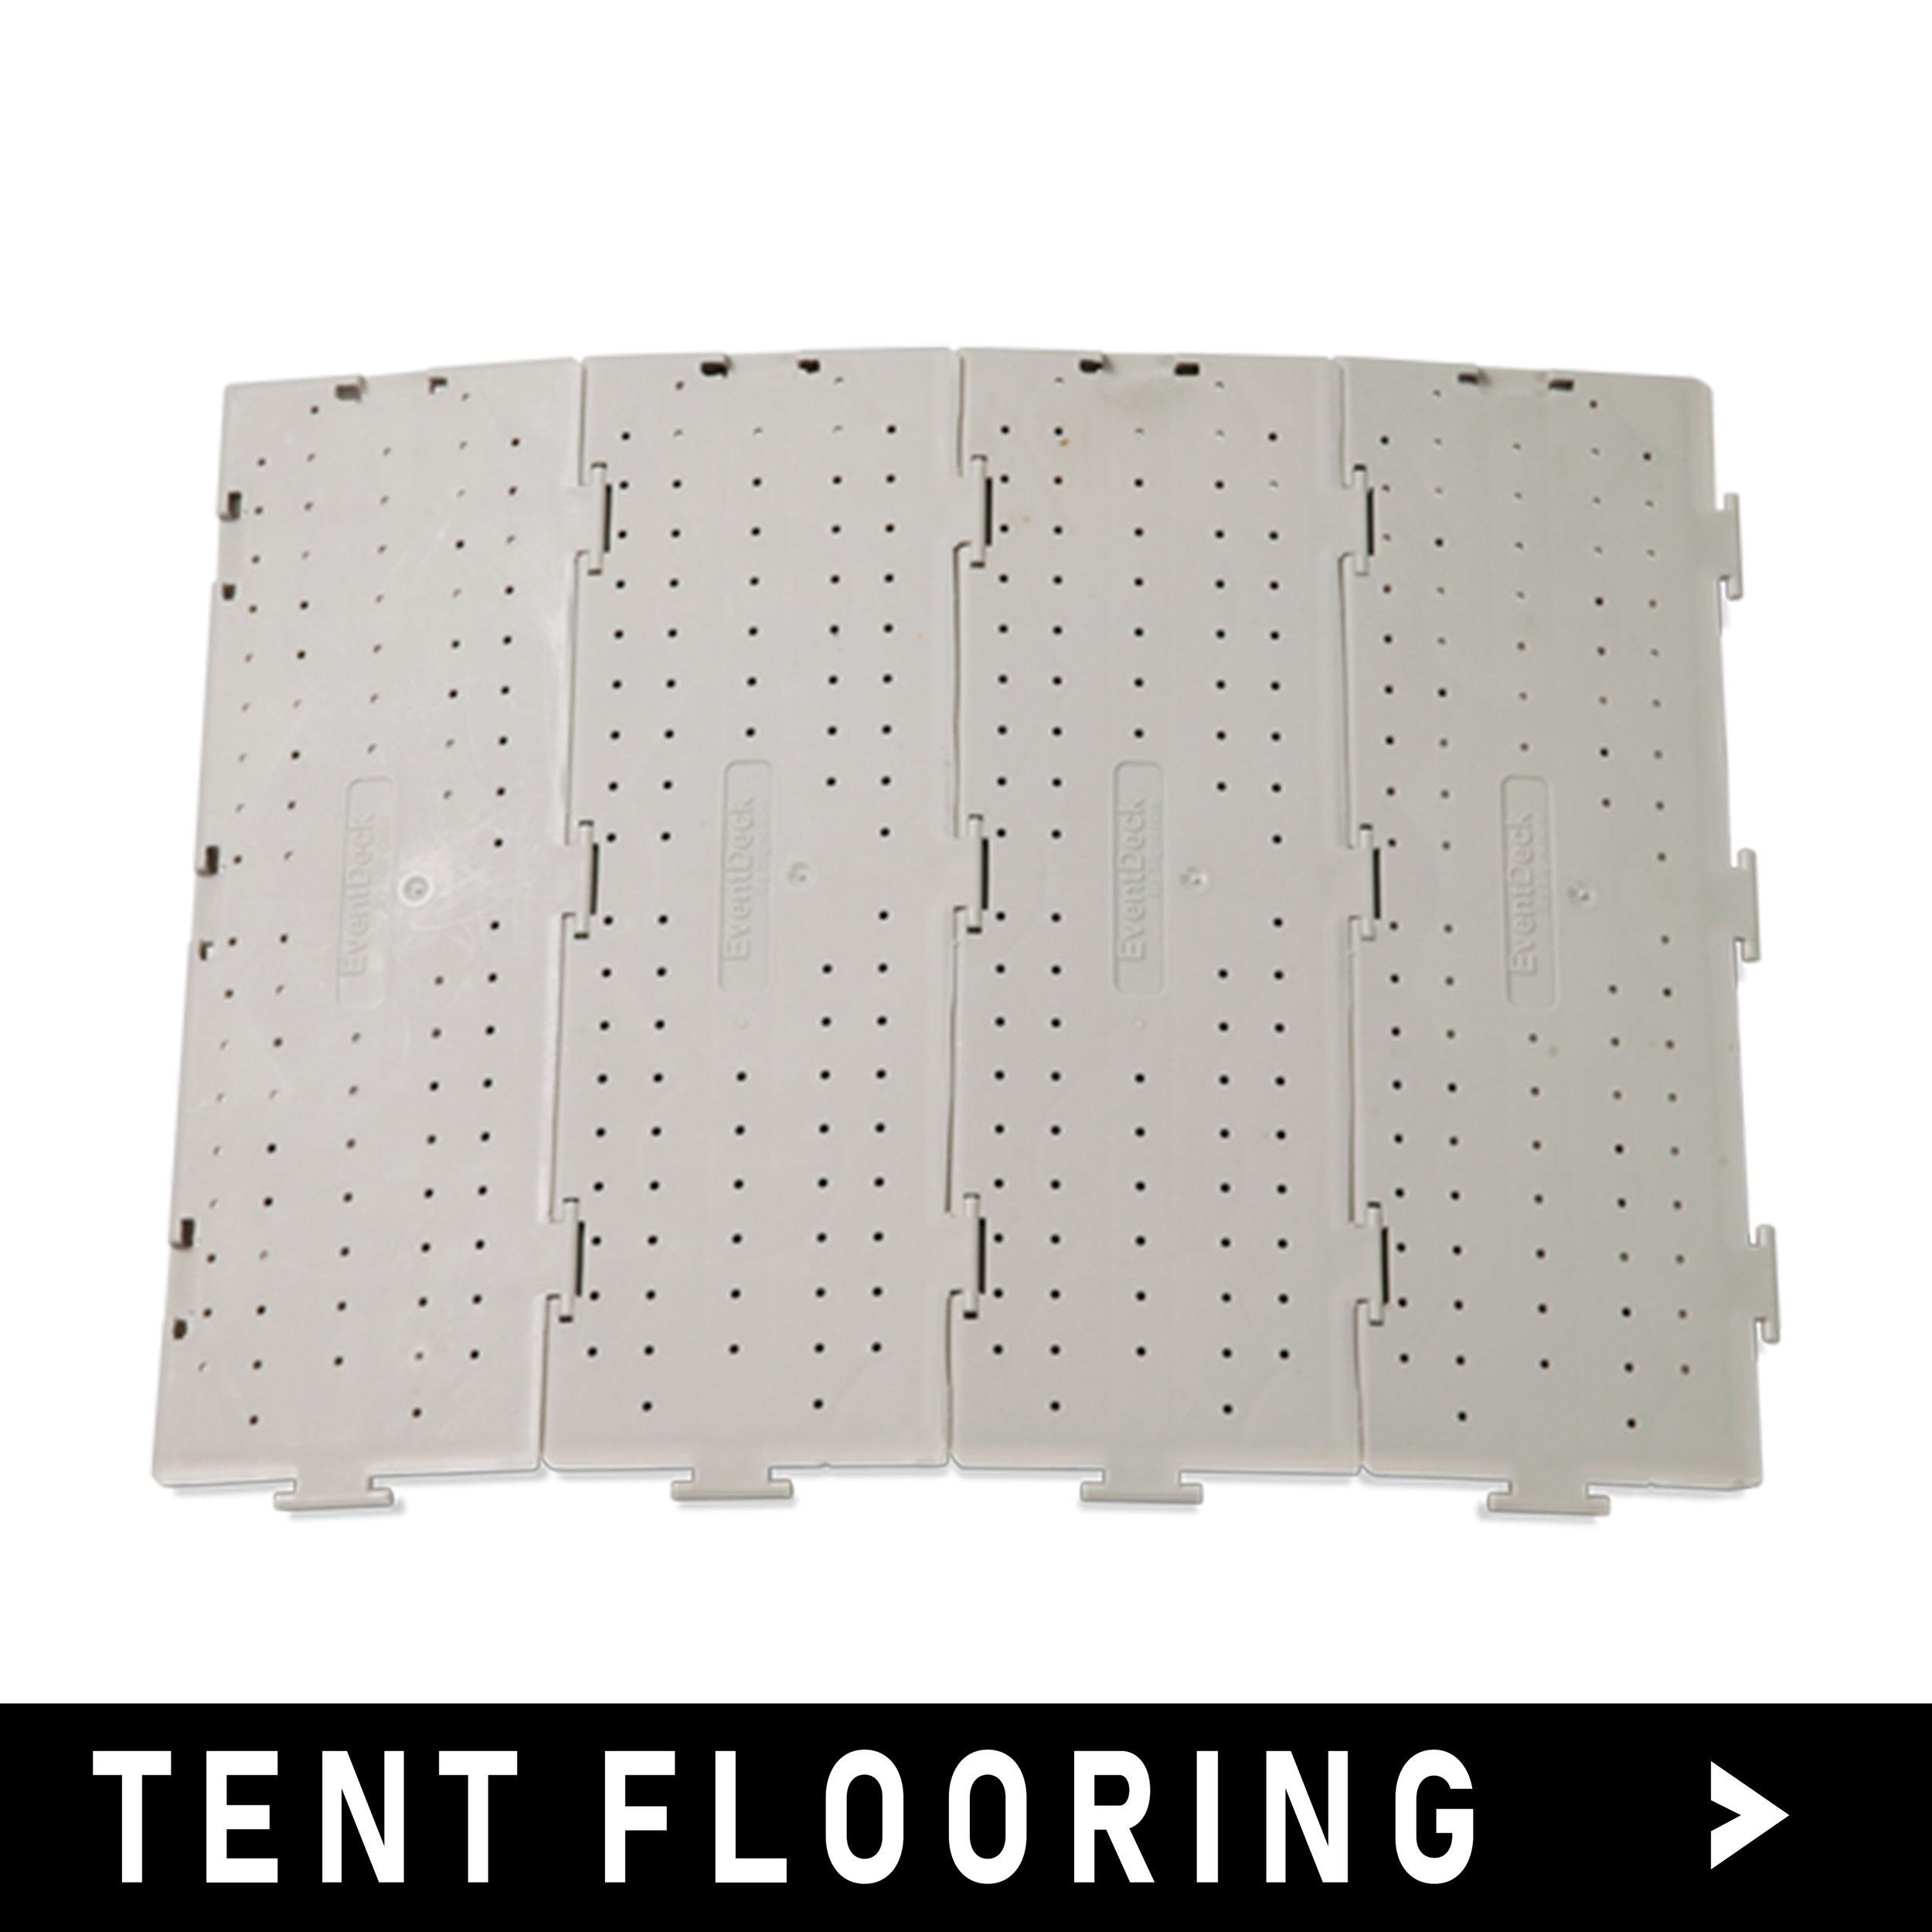 TENT FLOORING.jpg